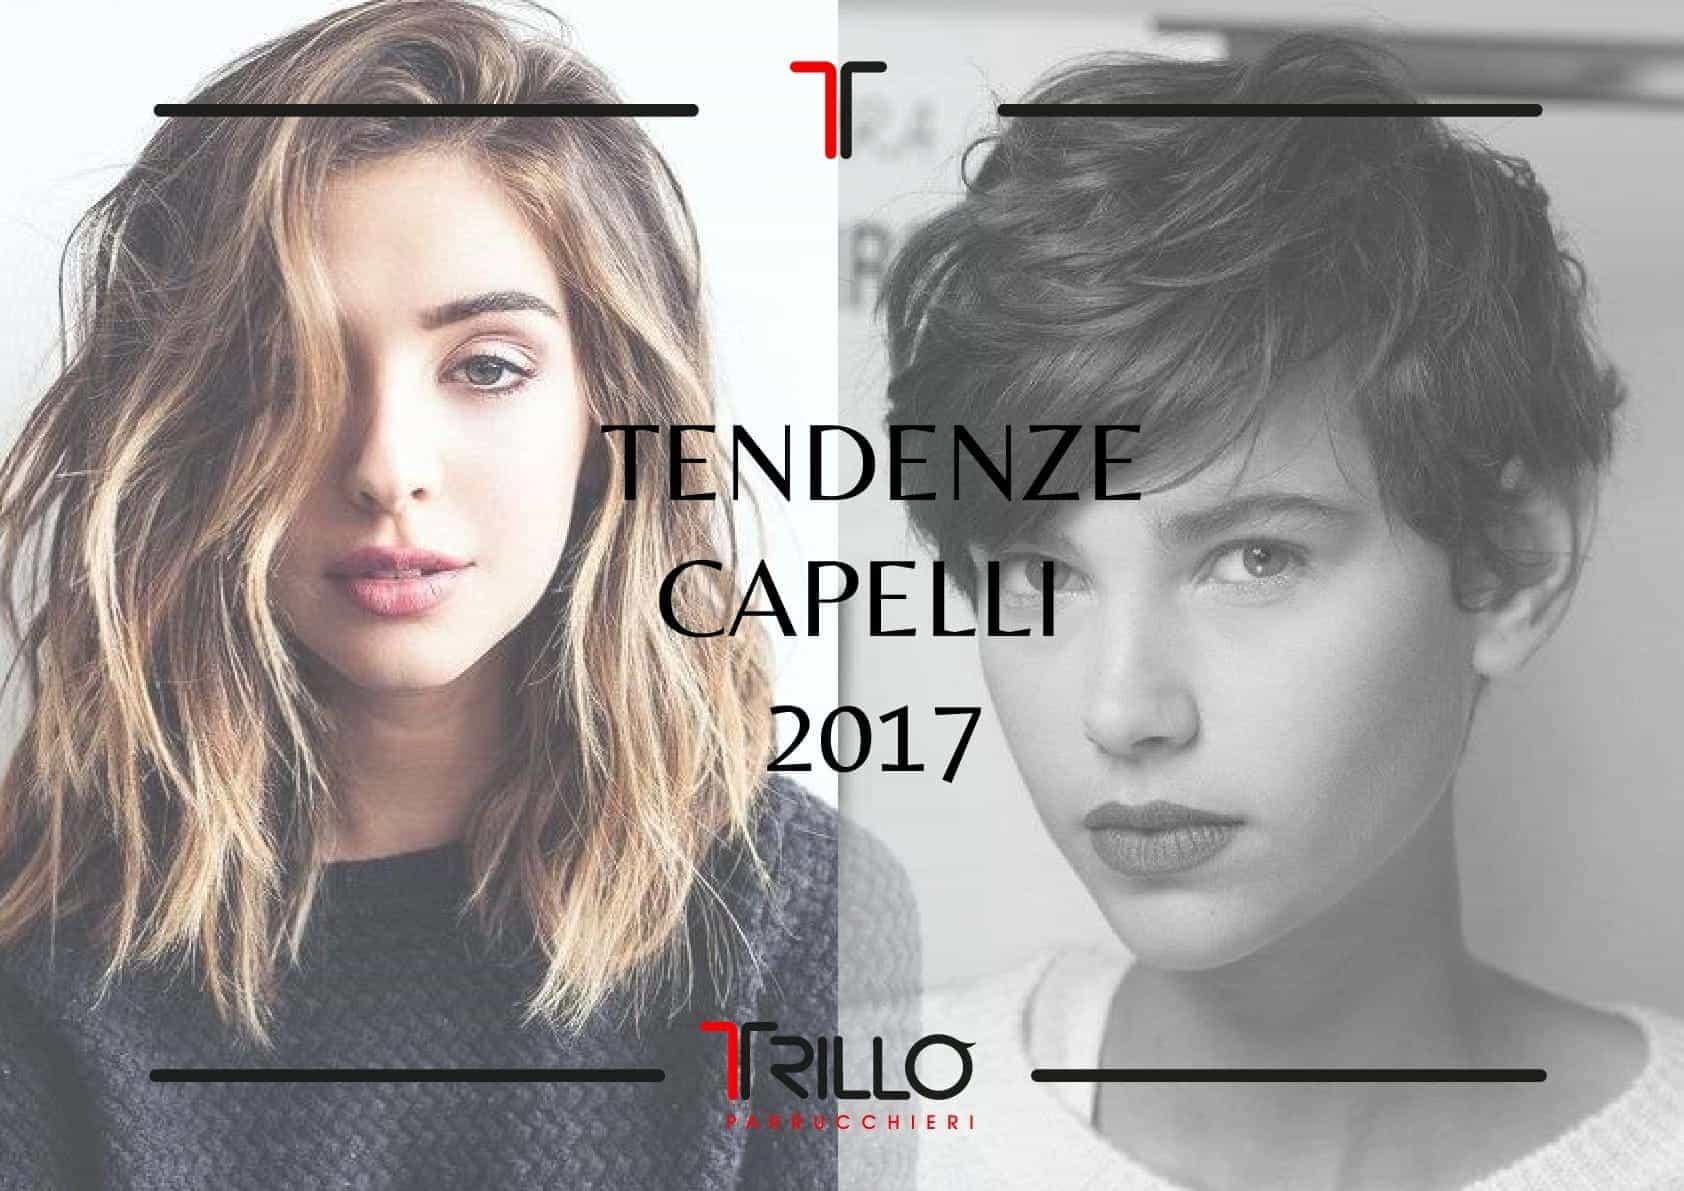 Tendenza moda capelli 2017- Ecco le novità